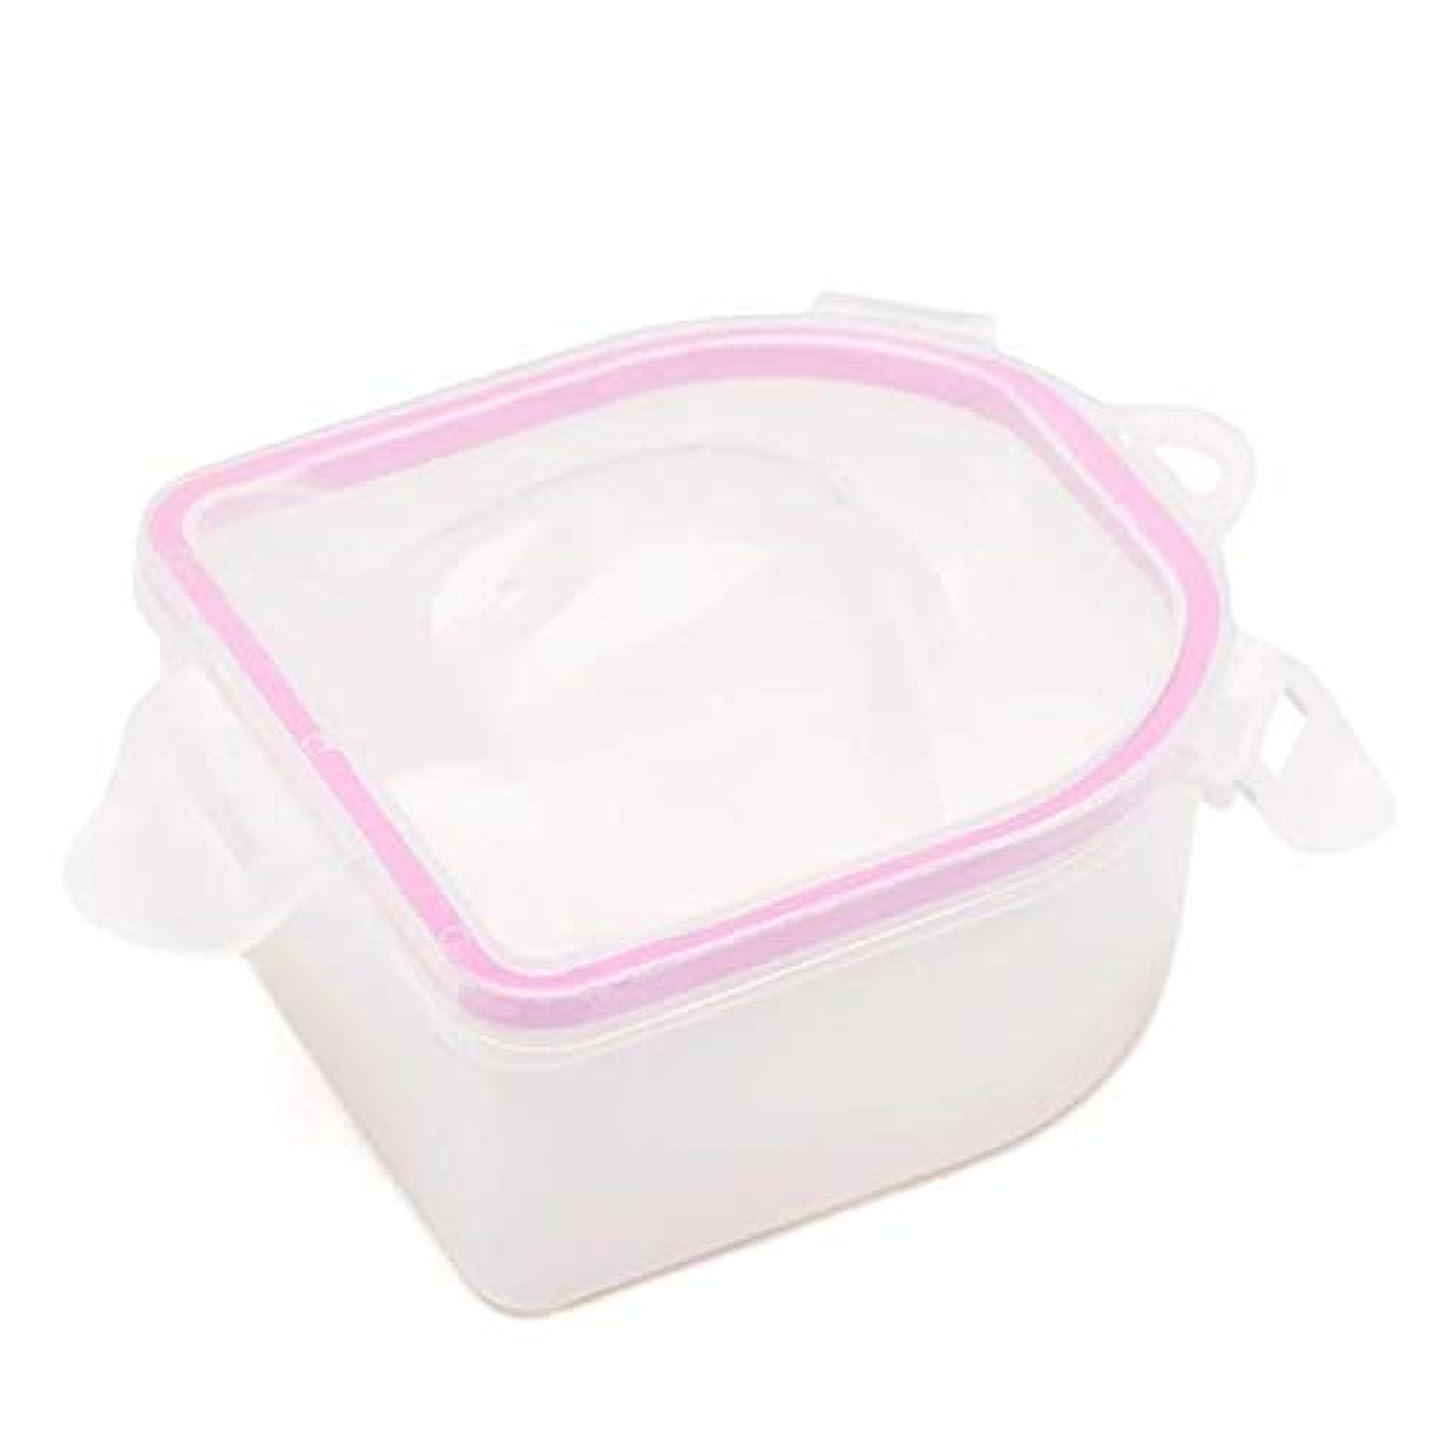 プラットフォーム食堂スタックネイルスパアセトン耐性ソークオフ暖かい水ボウルマニキュアネイルソークボウルマニキュア治療ツール,Pink